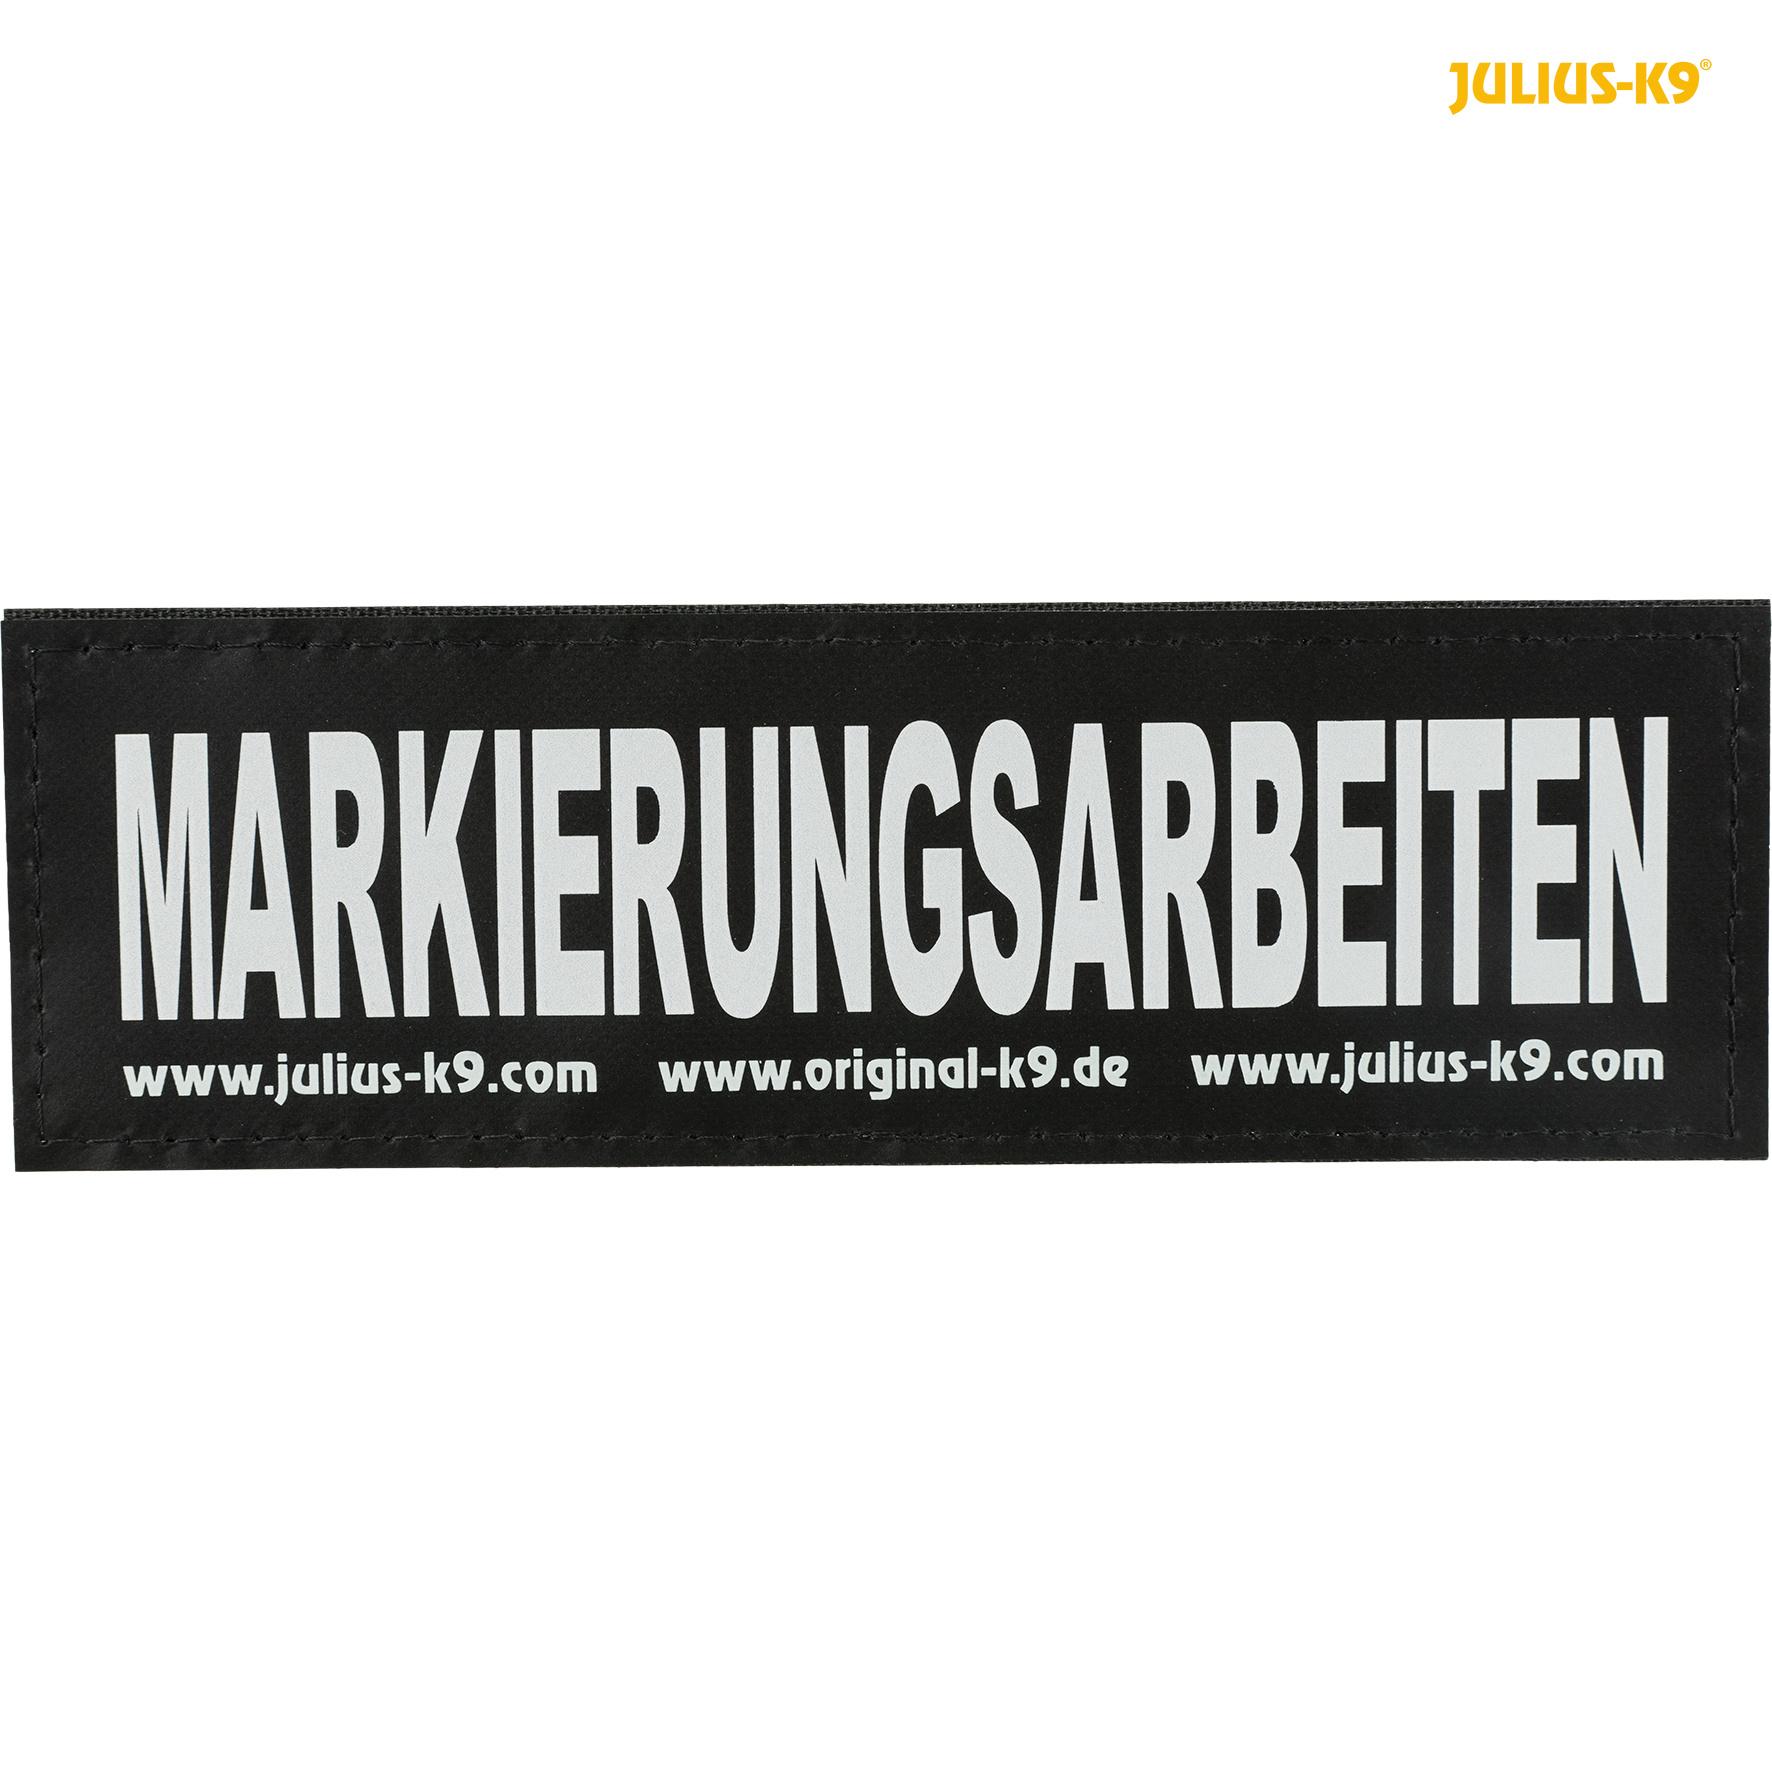 TRIXIE 2 Julius-K9® Klettsticker TRIXIE 2 Julius-K9® Klettsticker, L, MARKIERUNGSARBEITEN